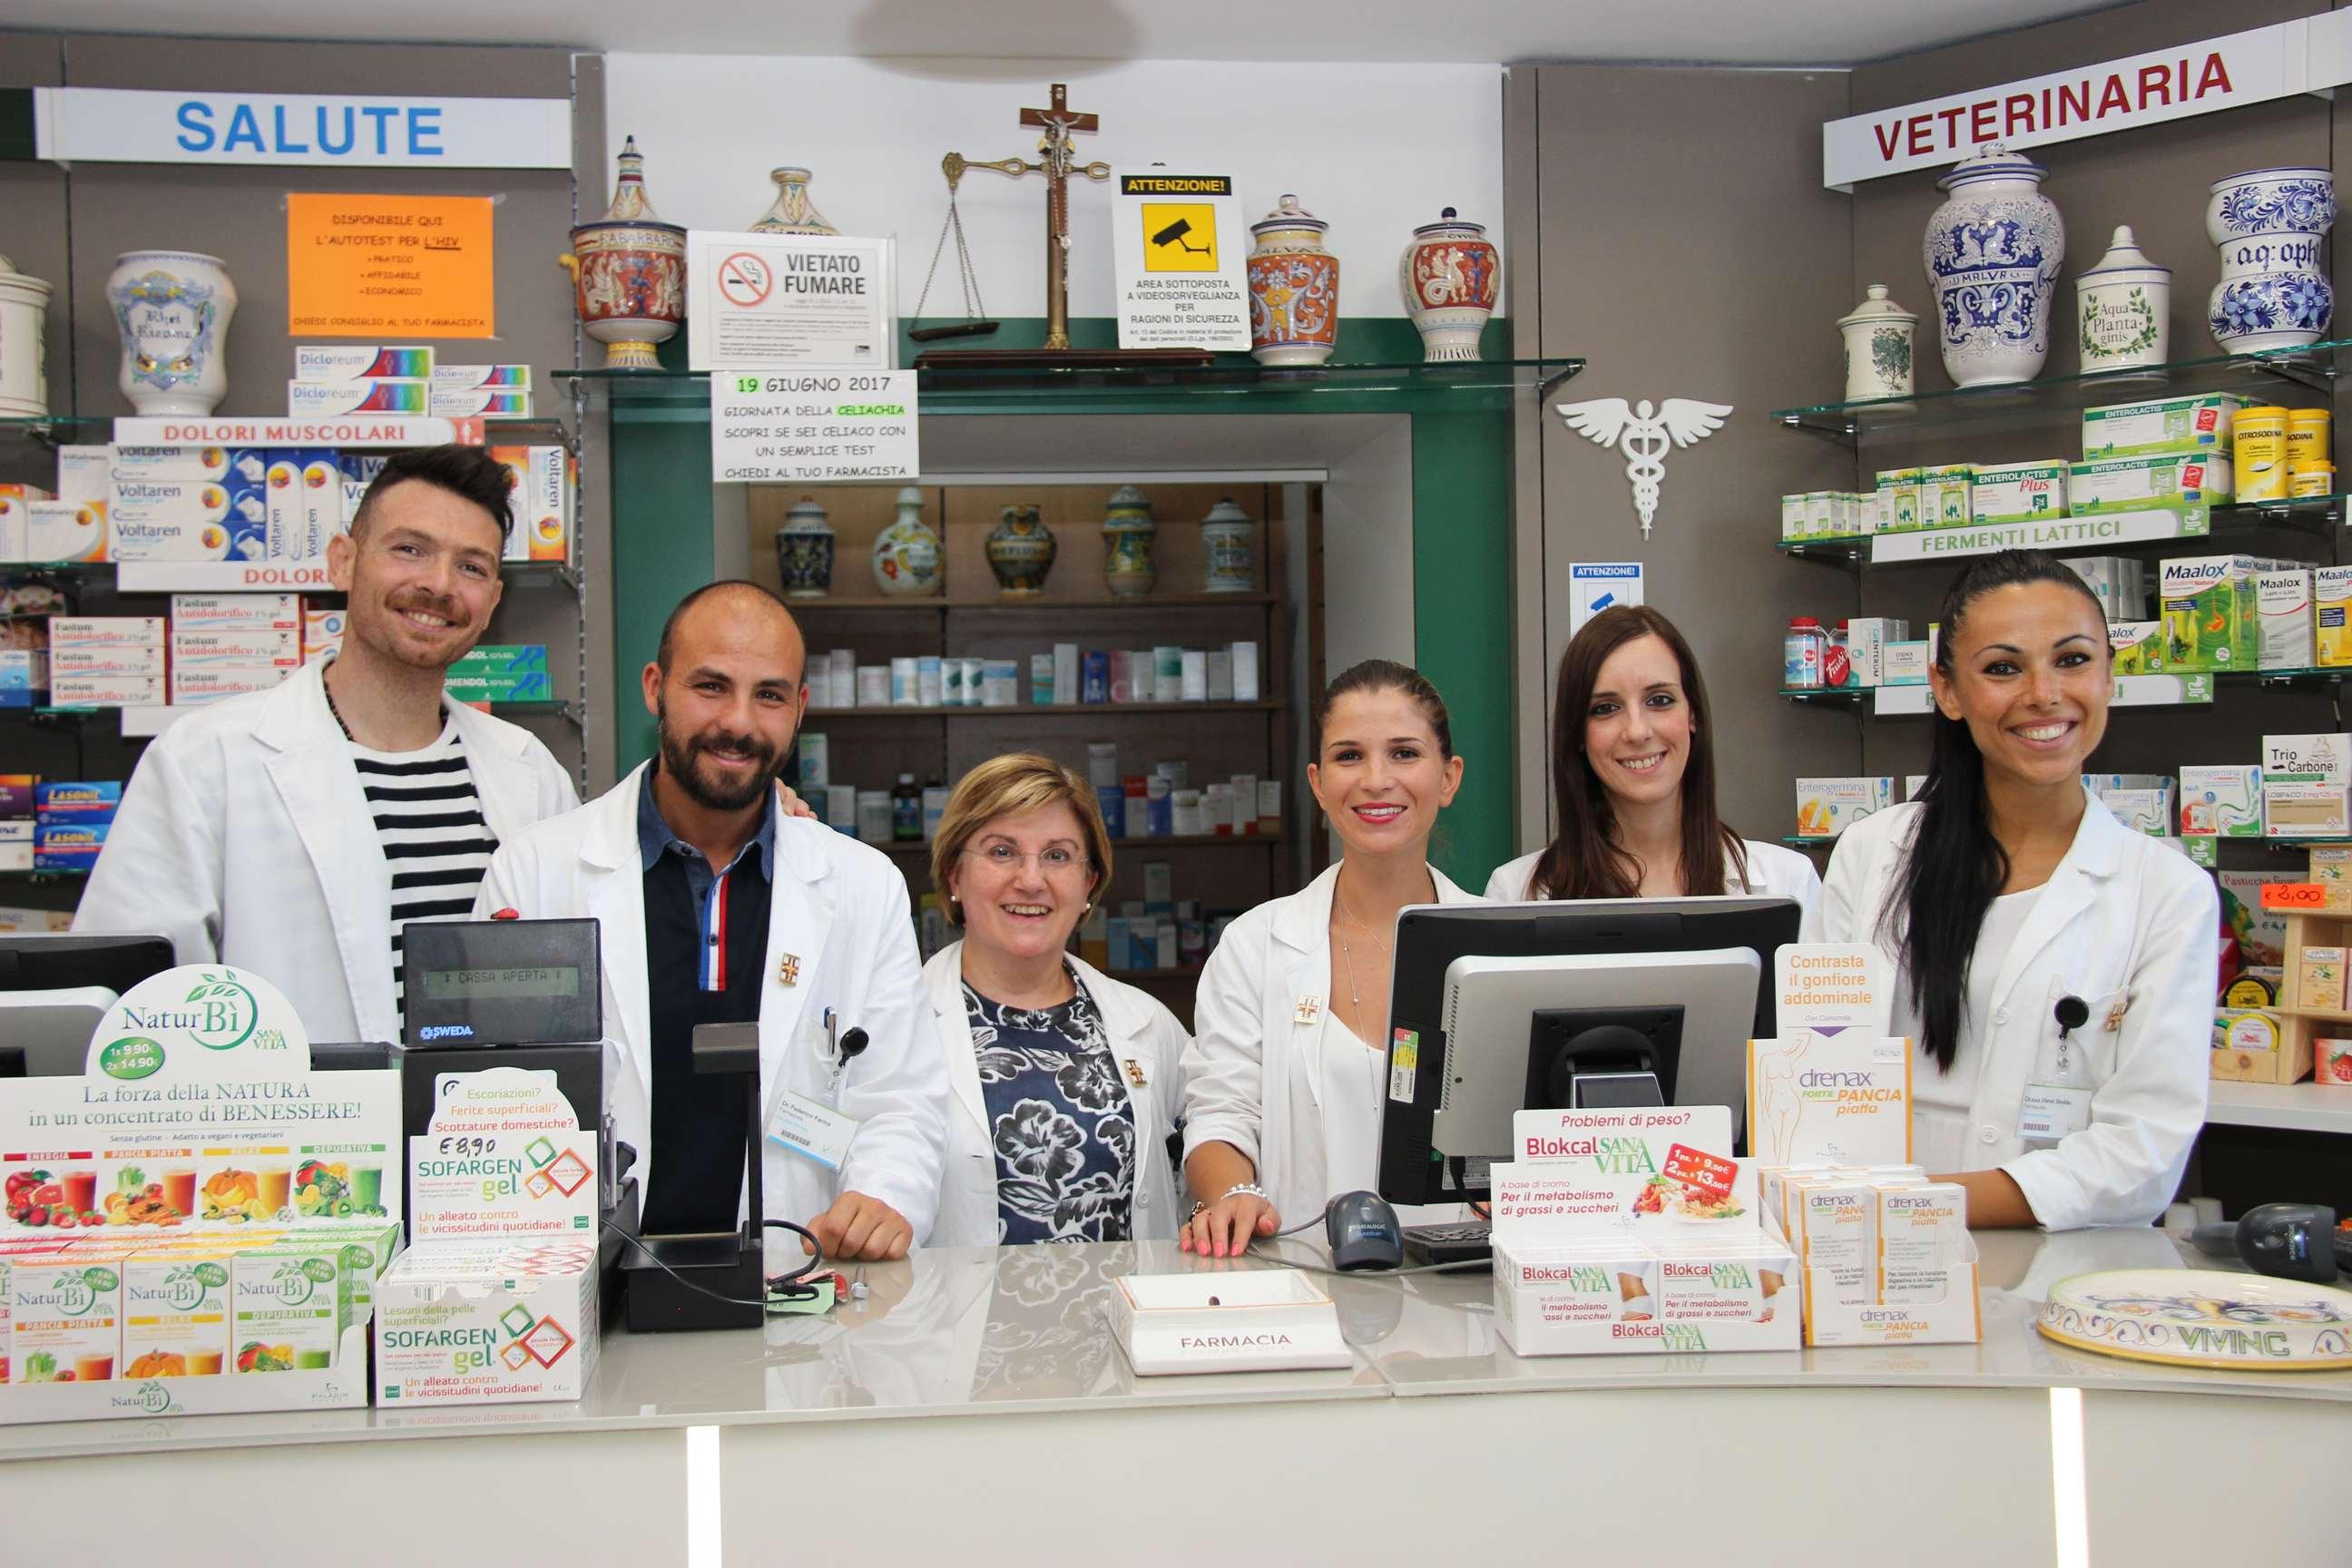 farmacia-delogu-sassari-lattedolce-turno-foto00030